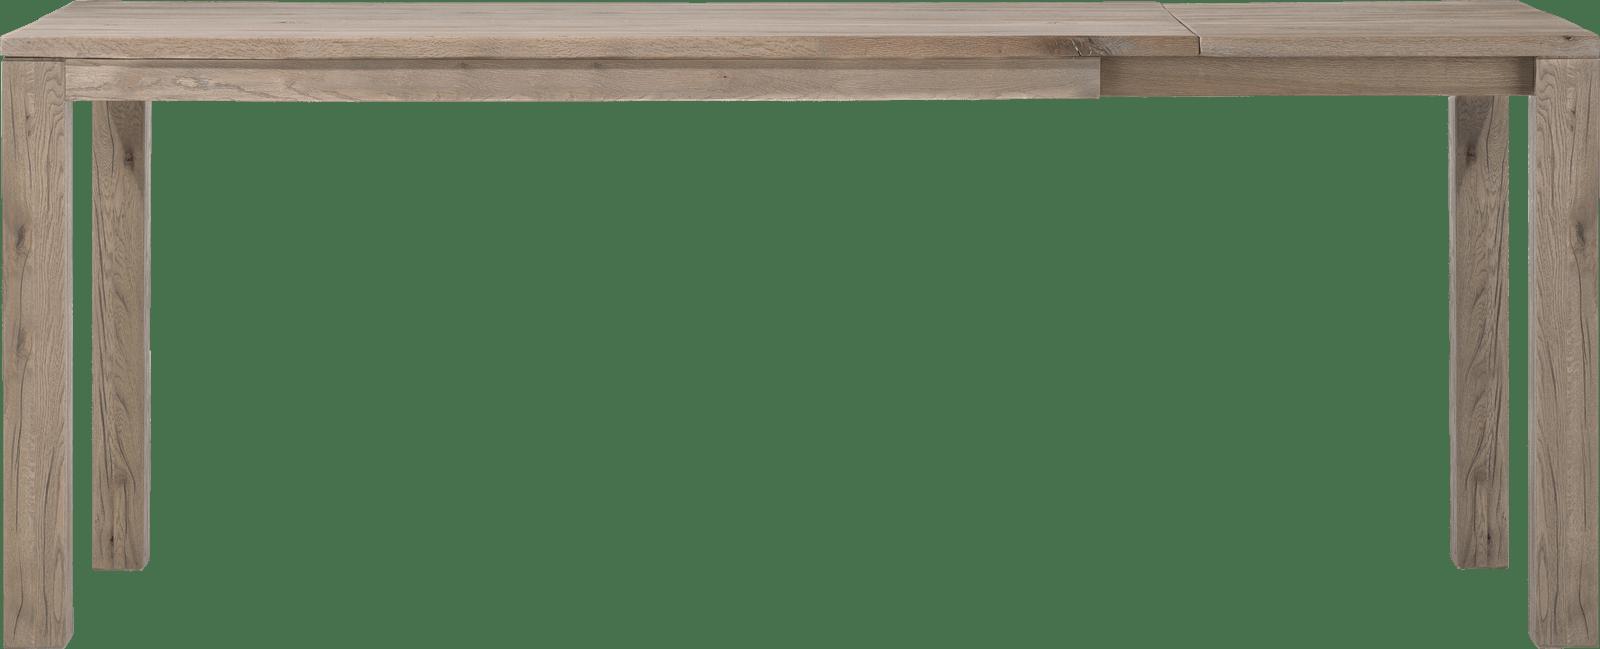 Masters - uitschuif-bartafel 180 (+ 60) x 90 cm - hout 9x9